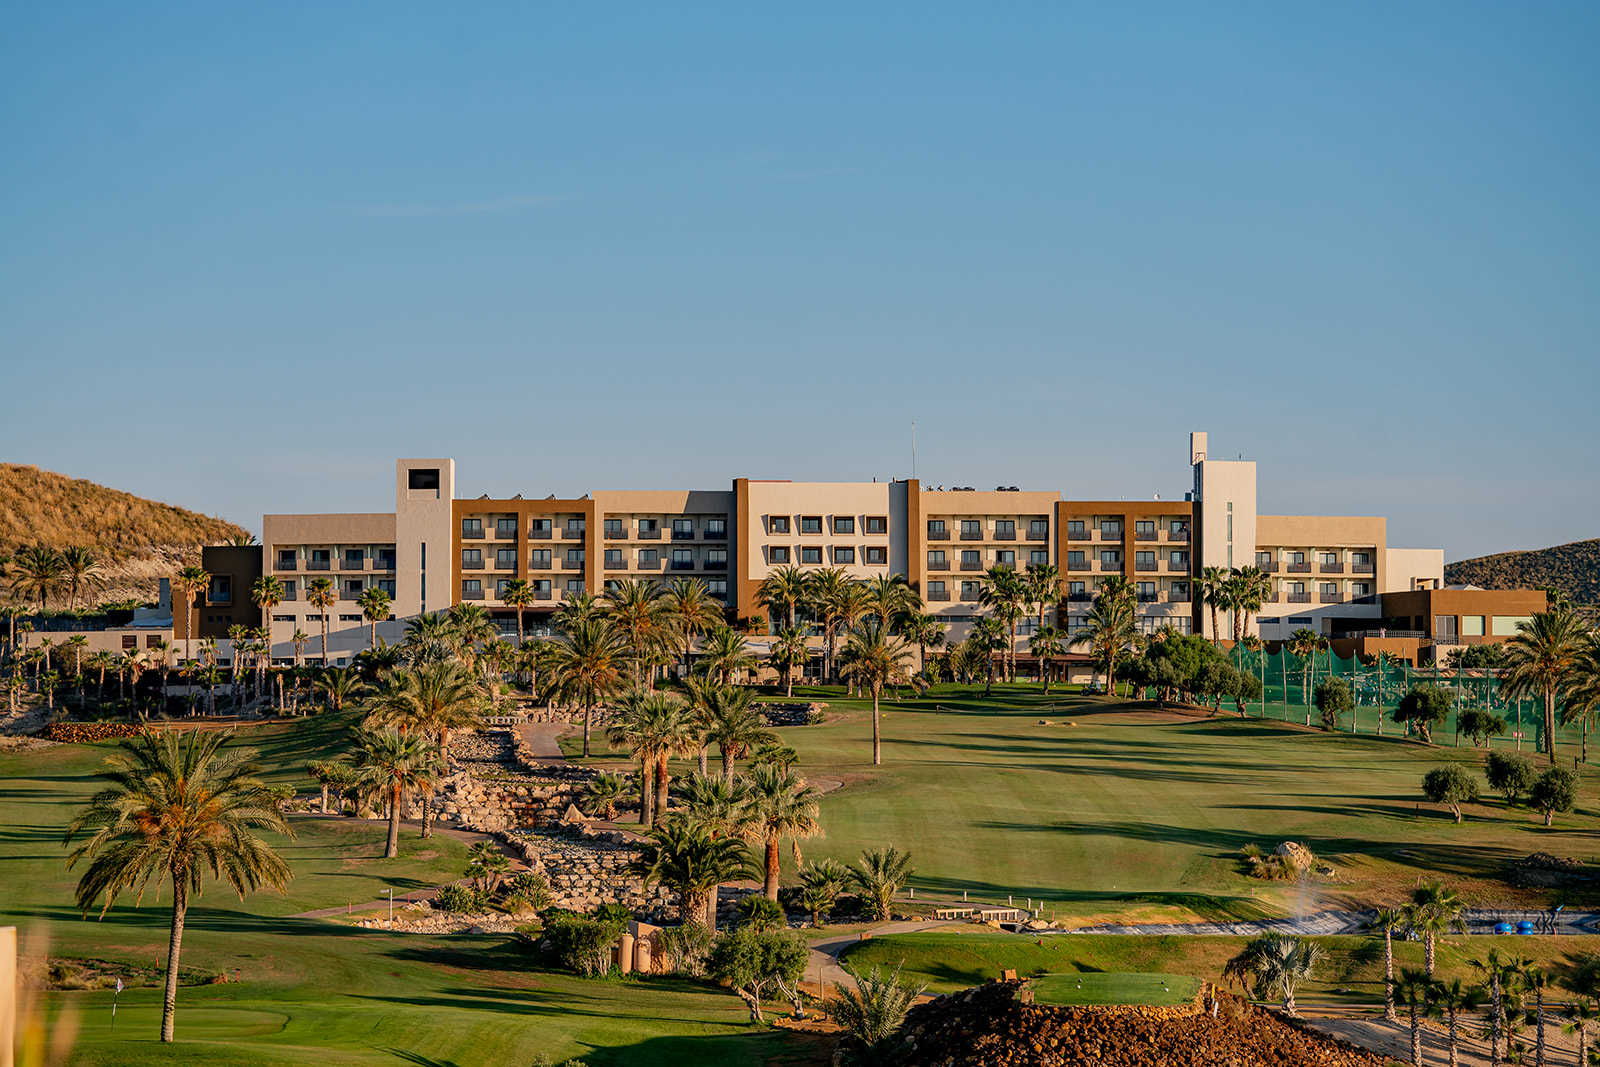 Oferta 10% descuento Hotel + Golf + Spa en Almería (Vera)